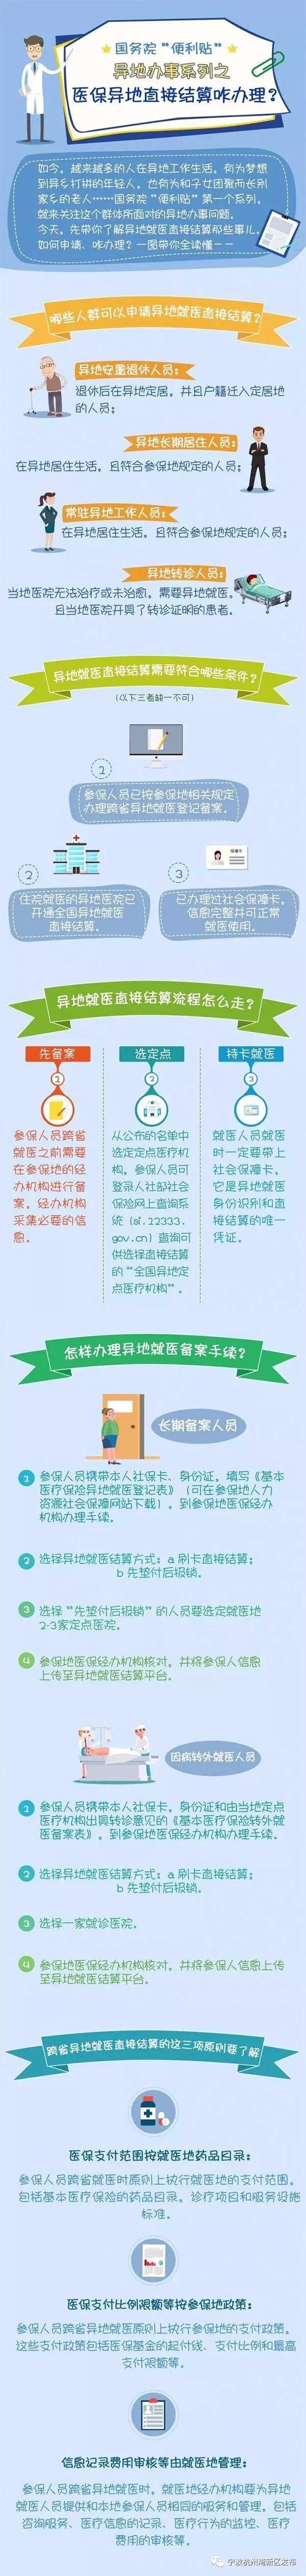 在宁波工作,公司在杭州,医保交在杭州宁波XX能用吗 精选律... 华律网